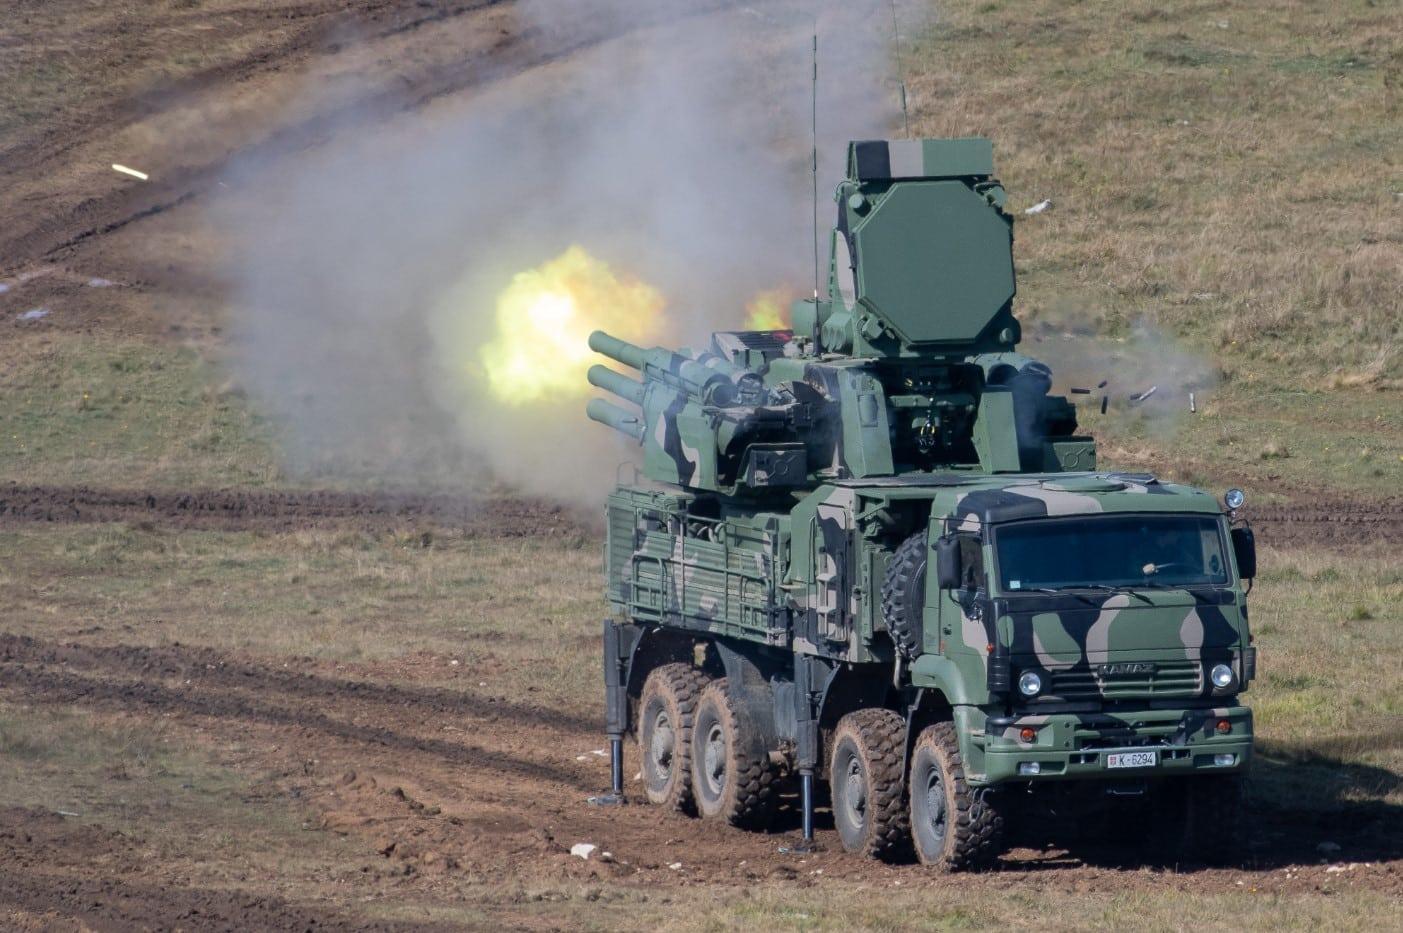 نظام الدفاع الجوي الروسي Pantsir-S1 يدخل في الخدمة مع جيش ميانمار